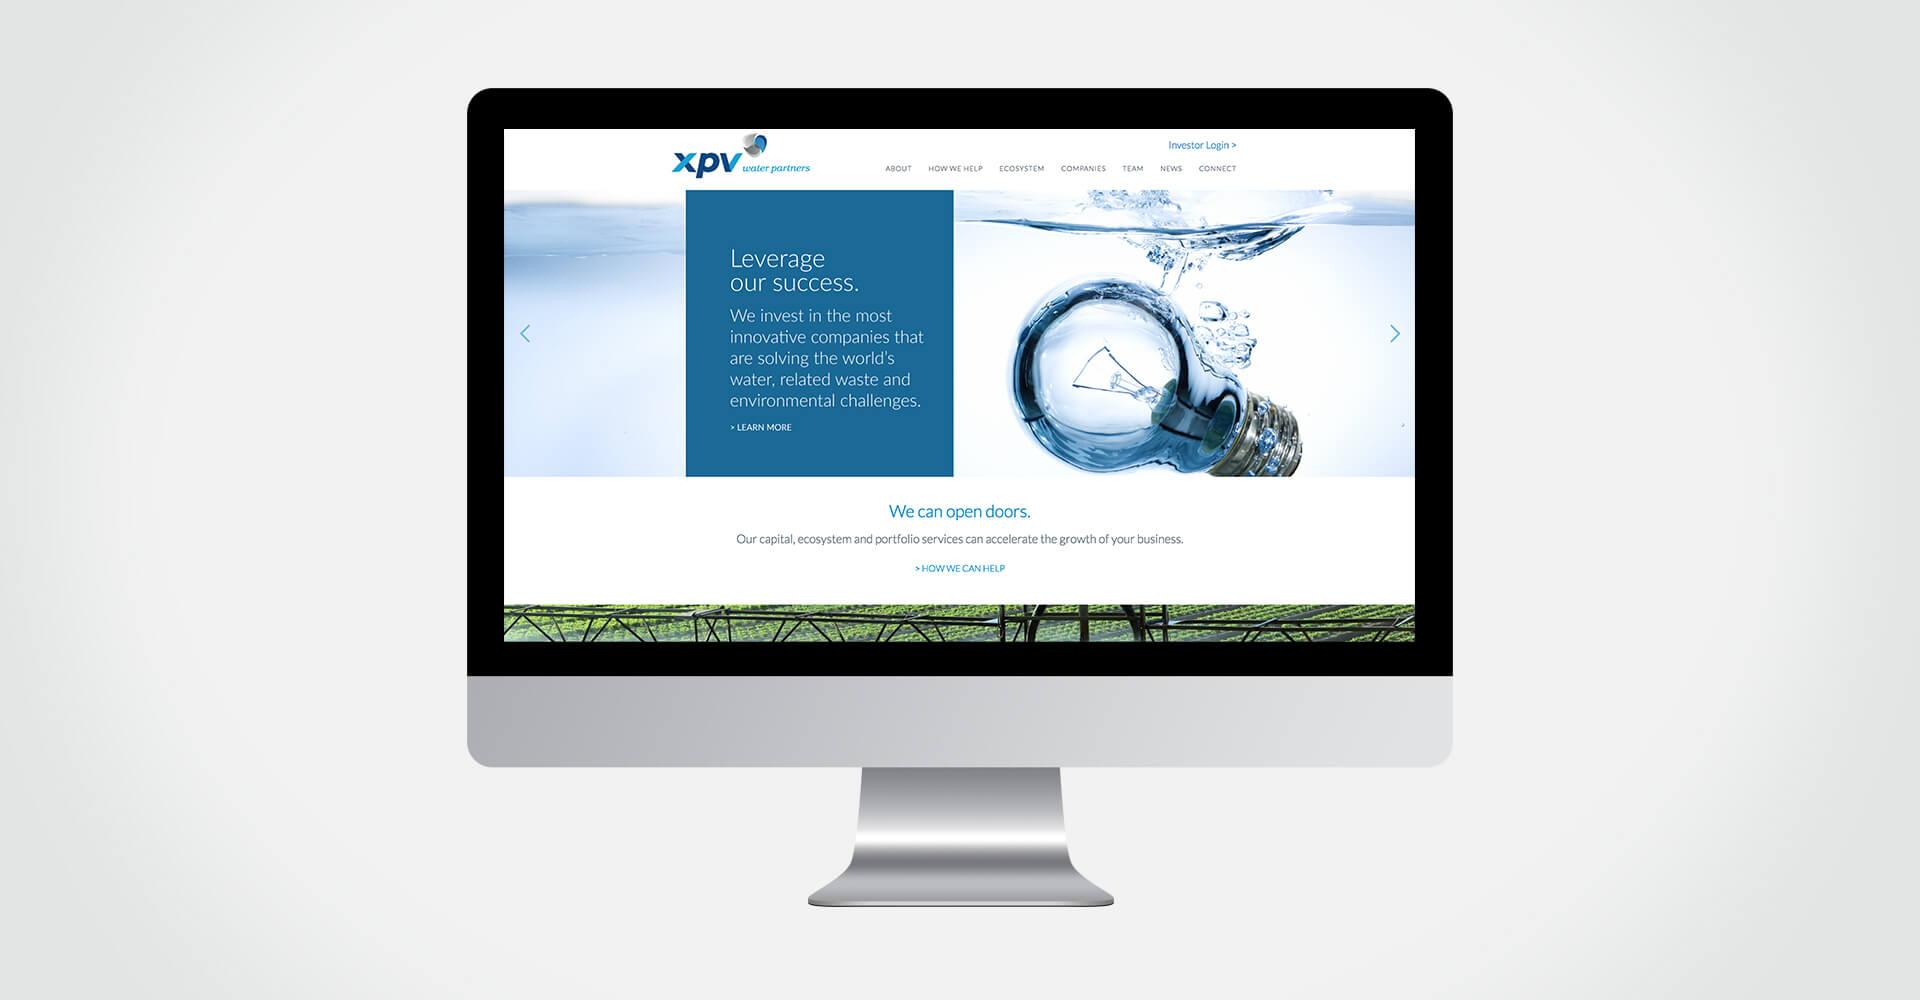 XPV water partners